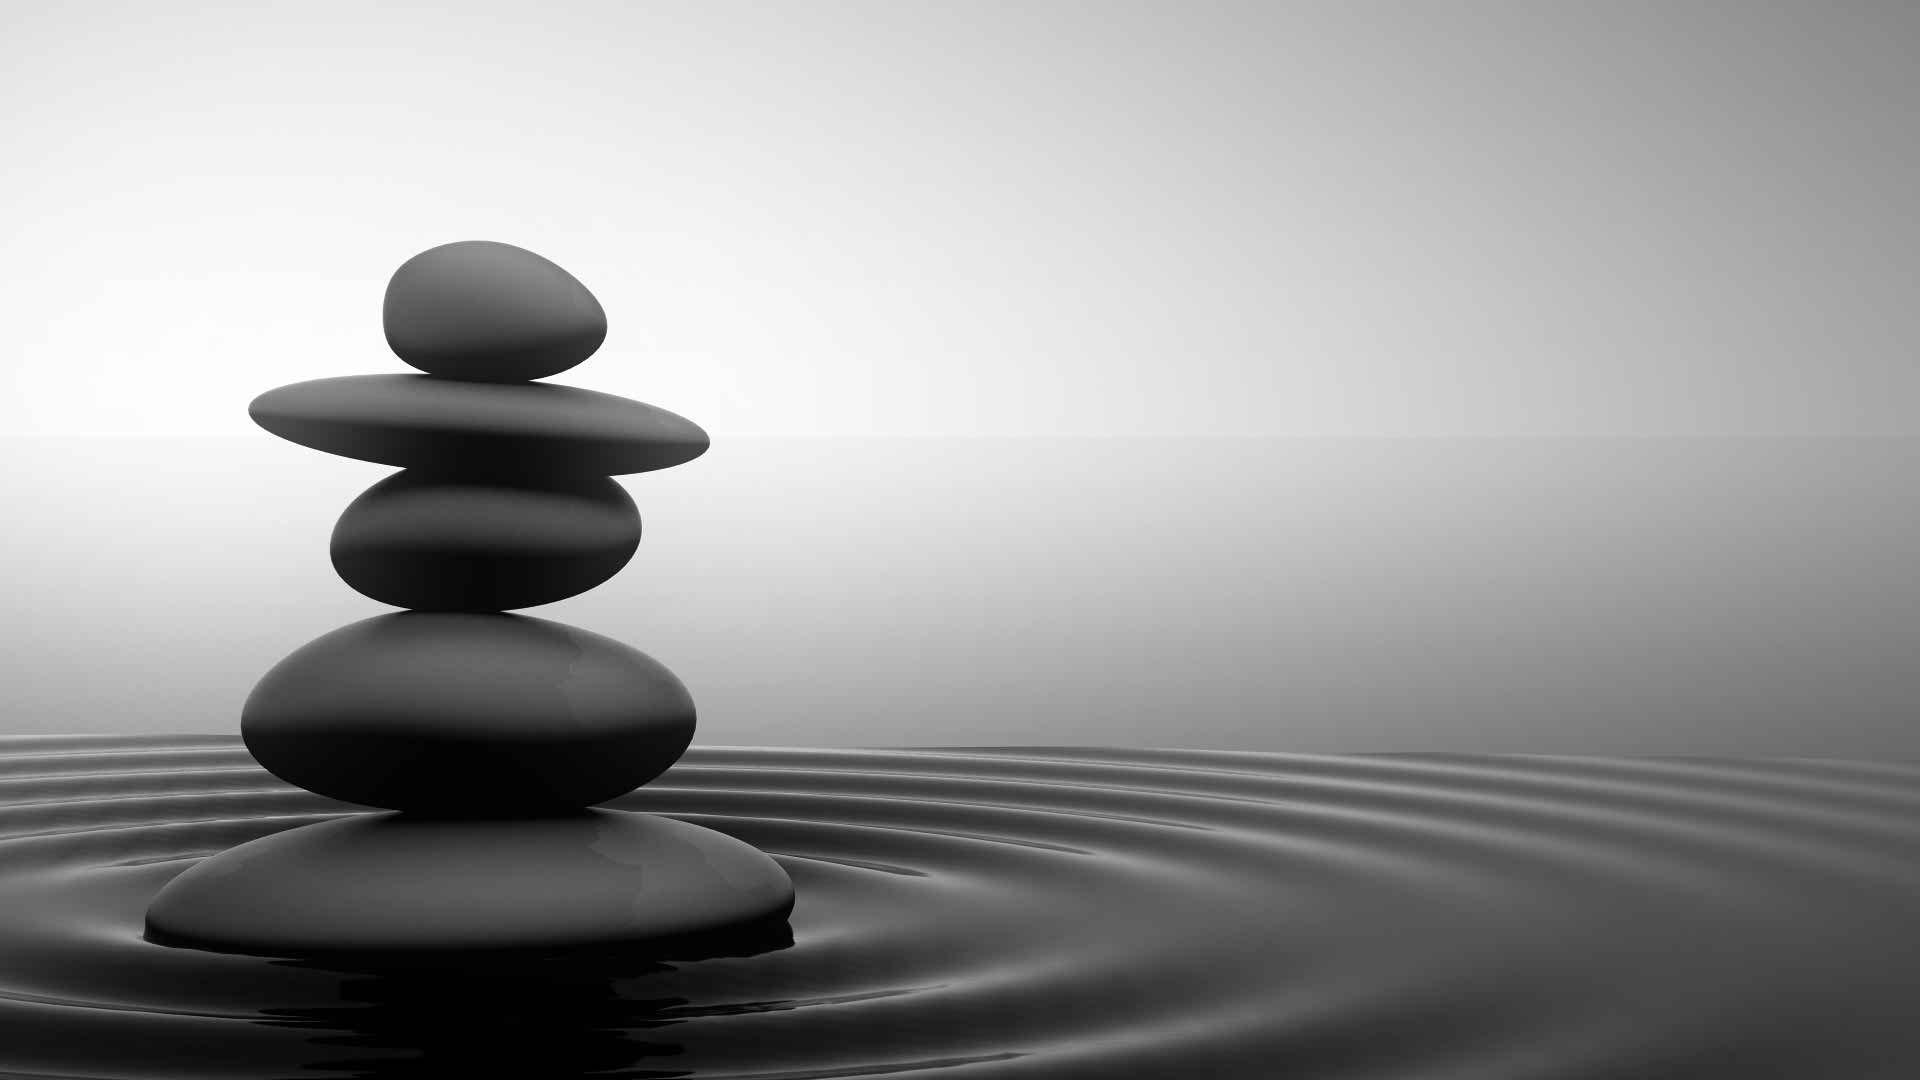 Black Zen Image